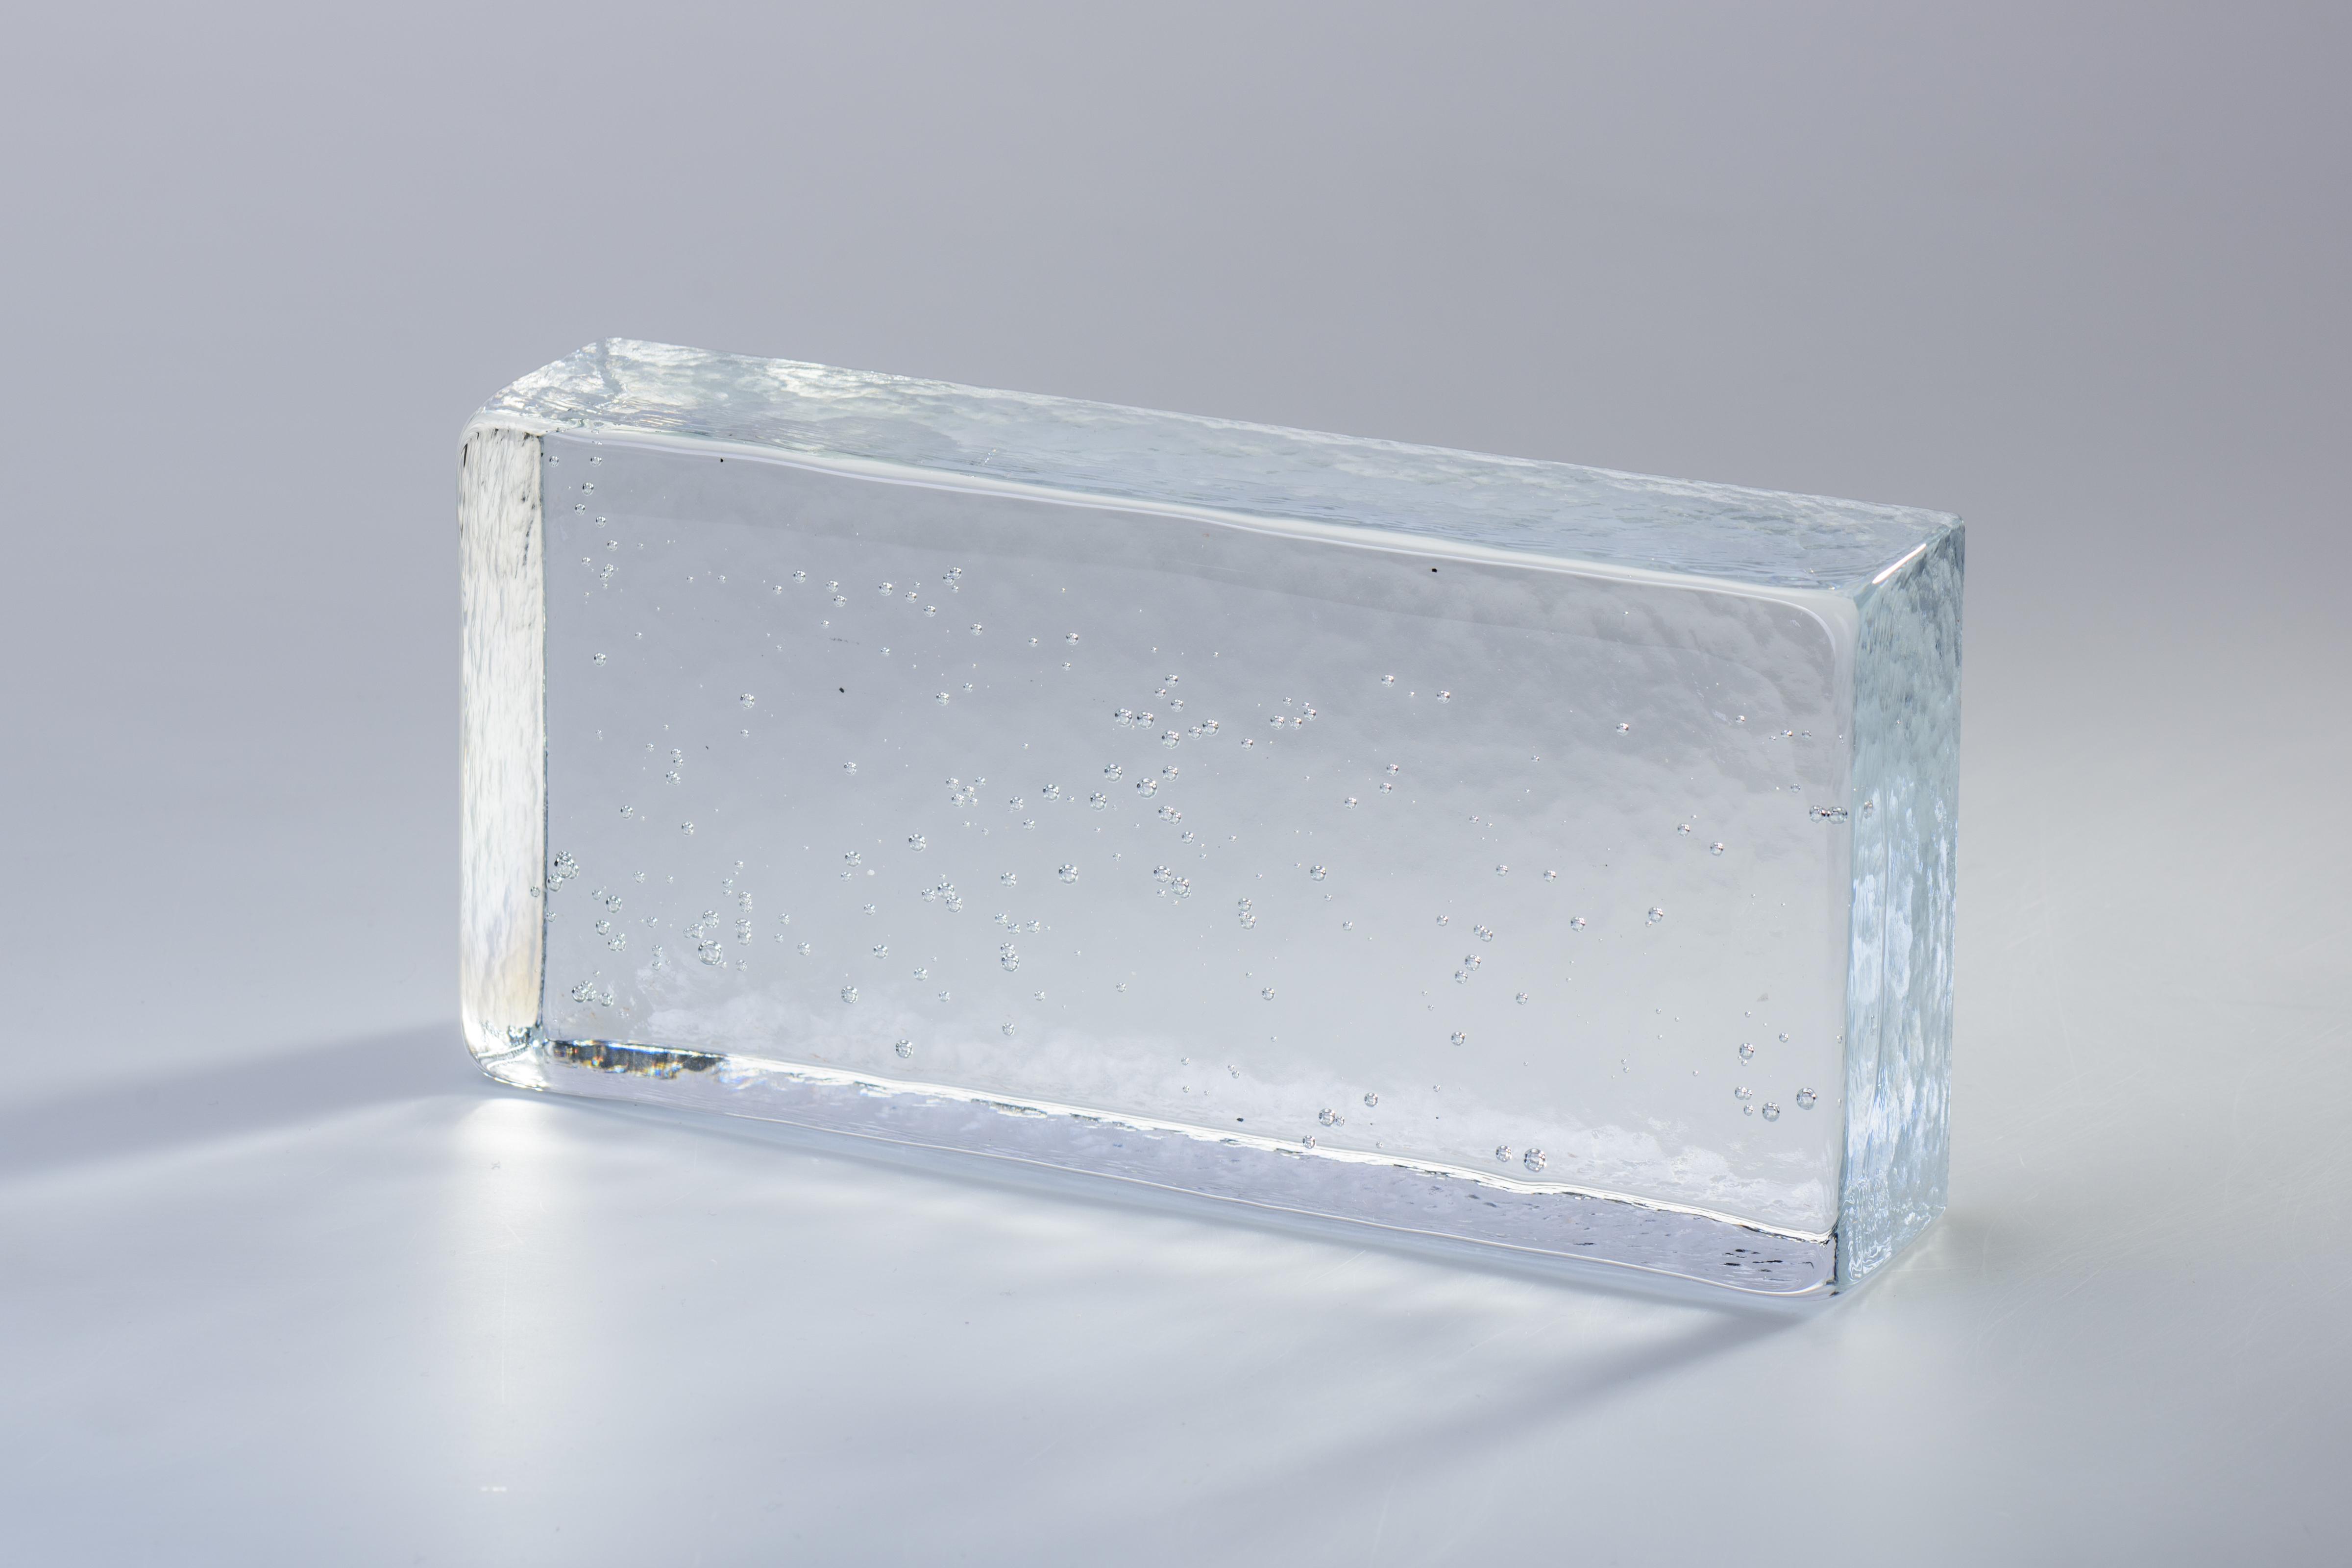 Poesia Brique De Verre mattoni di vetro poesia alternativa artigianale al